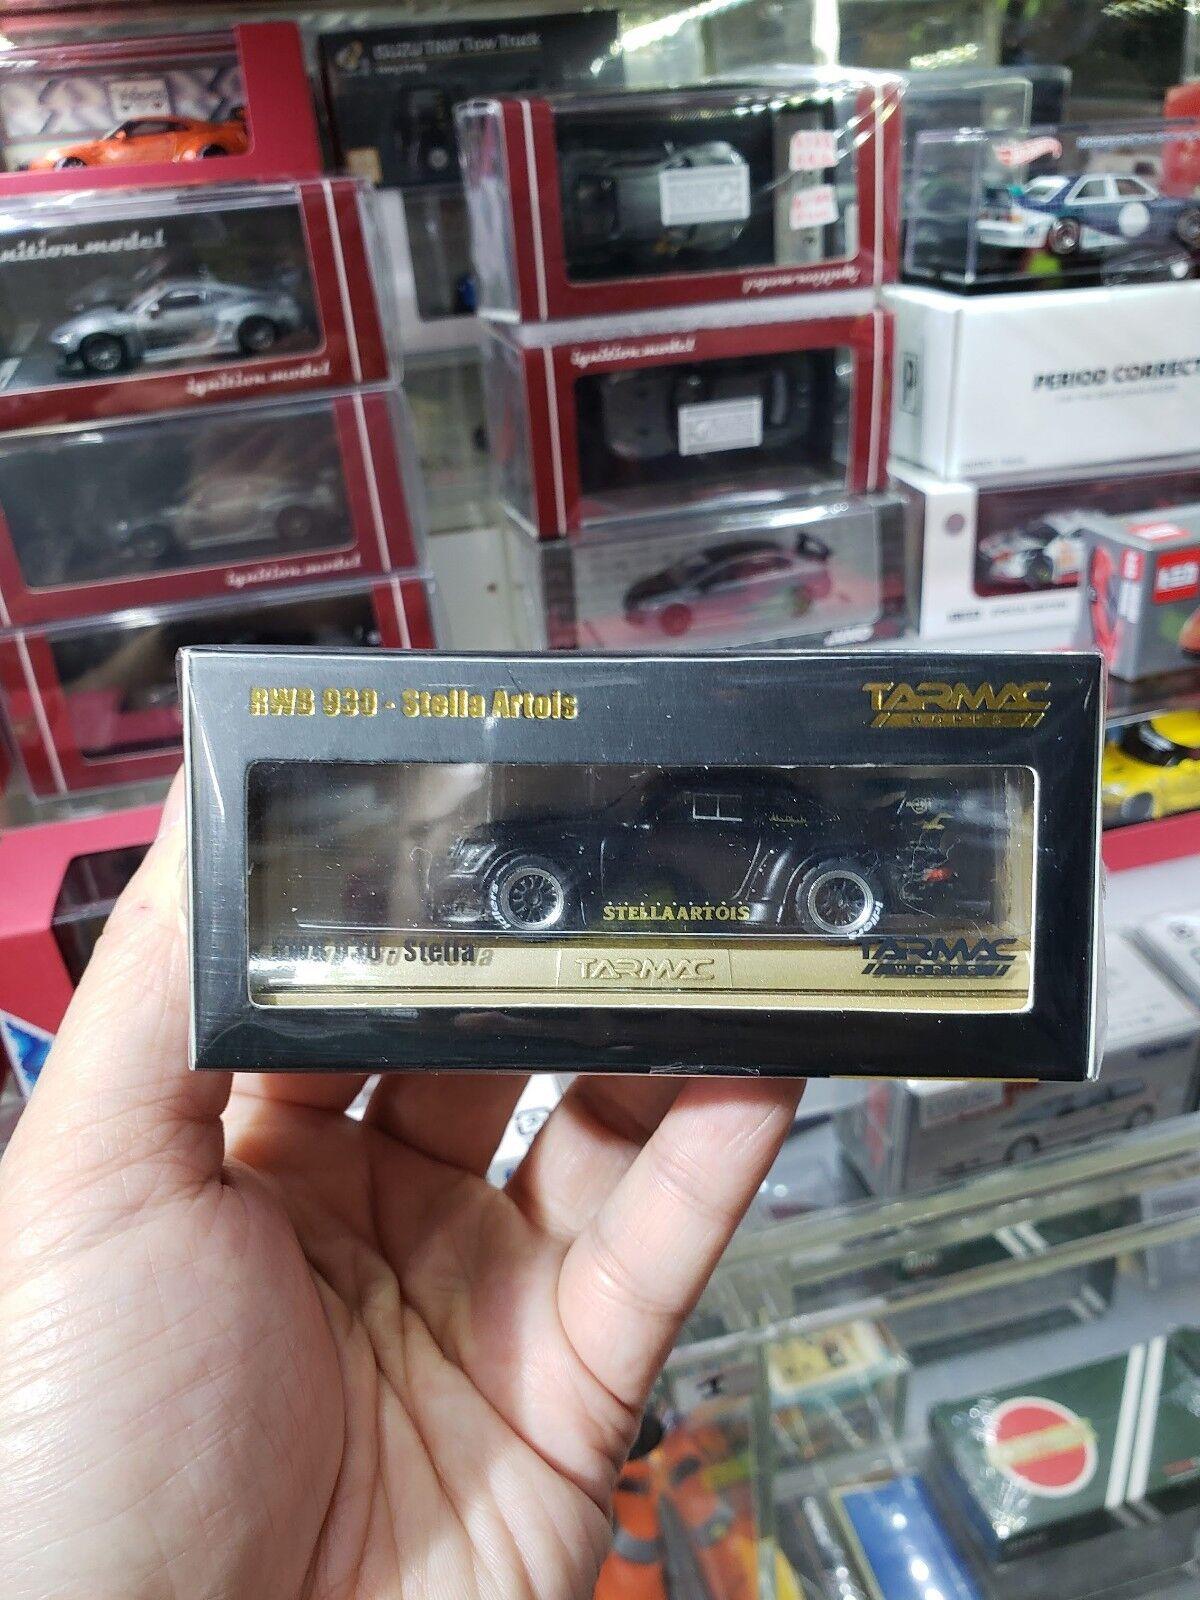 Tarmac Works 1 64 Porsche 930 RSF Rauh-Welt Begriff stellaartois conteneur